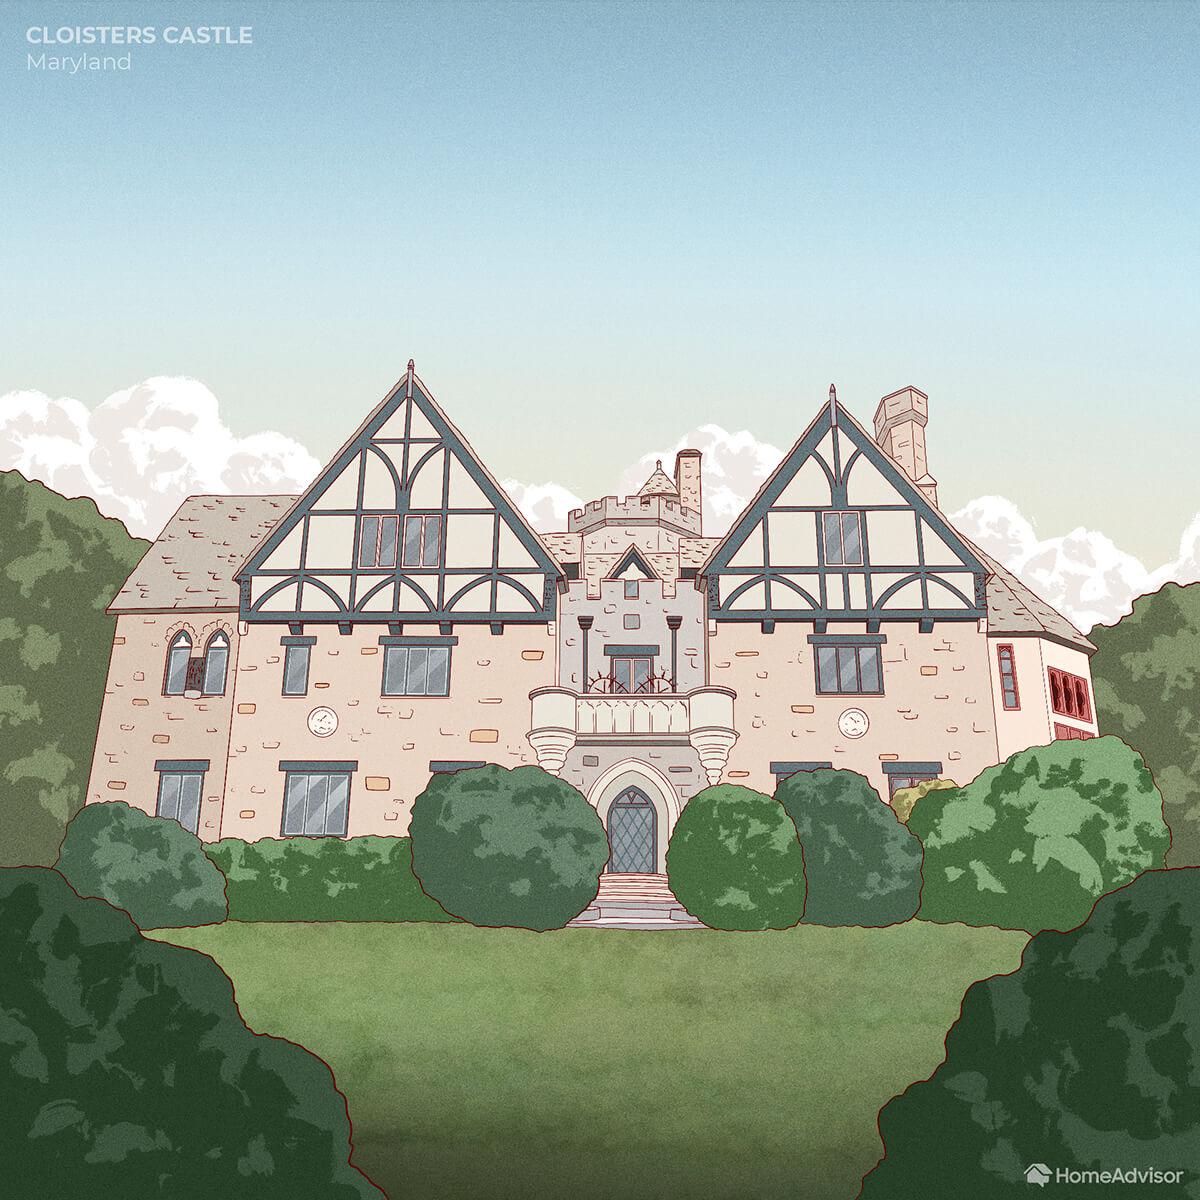 Cloisters Castle